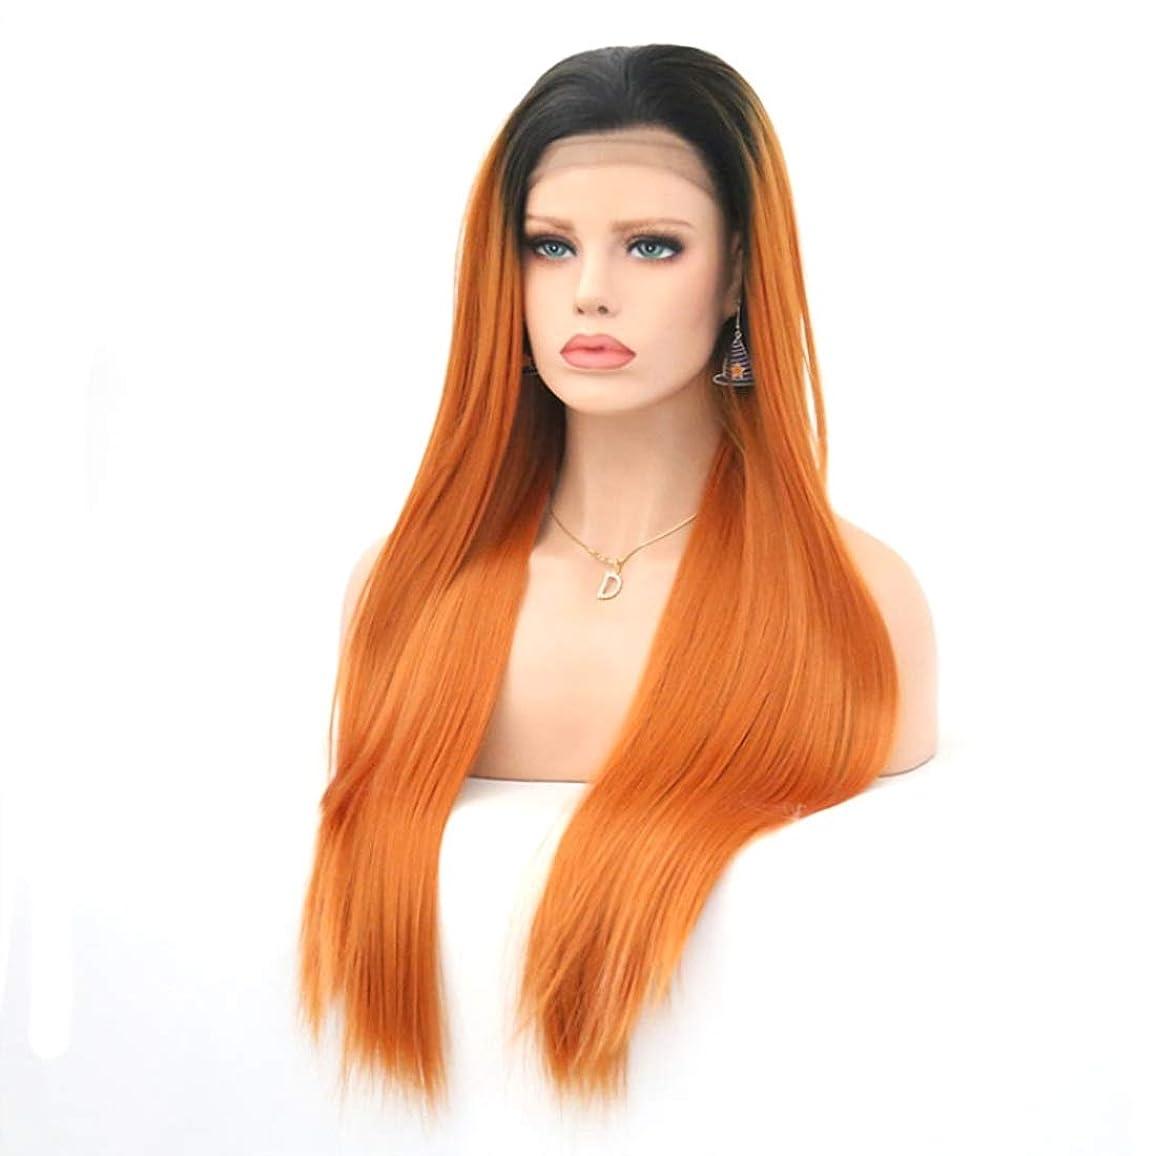 クッション通路フレットKoloeplf 女性のためのグラデーションオレンジロングストレートウィッグケミカルファイバーフロントレースウィッグ